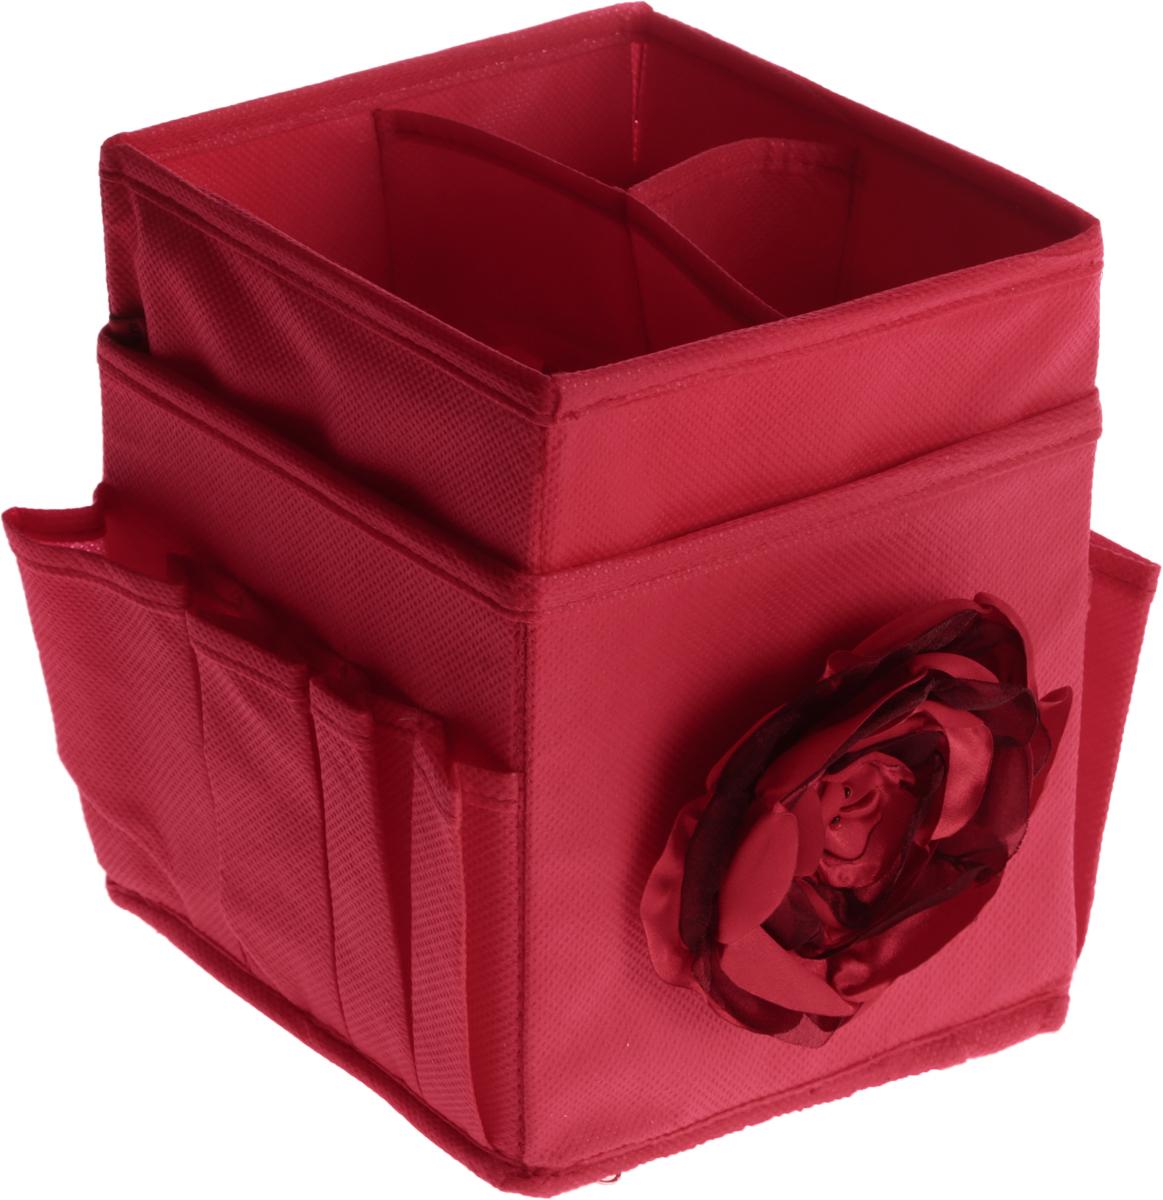 Набор органайзеров для косметики Все на местах Классика, цвет: фуксия, 2 шт04760-099-00Набор состоит из двух органайзеров для хранения косметики и аксессуаров.Изделия выполнены из высококачественного нетканого материала (спанбонда),который обеспечивает естественную вентиляцию. Плотные вставки хорошо держат форму. Мягкие перегородки образуют секции для хранения разнообразной косметики. Наружные кармашки позволяютудобно хранить мелкие аксессуары. Изделия отличаются мобильностью: легко раскладываются искладываются благодаря молнии в основании.Набор органайзеров для косметики и аксессуаров поможет привести элементыженского туалета в порядок. Оригинальный дизайн придется по вкусу ценительницам эстетичного хранения.Размер органайзеров: 1-й органайзер - 15 х 15 х 12 см - 4 ячейки и 8 кармашков.2-й органайзер - 15 х 15 х 7 см - 3 ячейки.